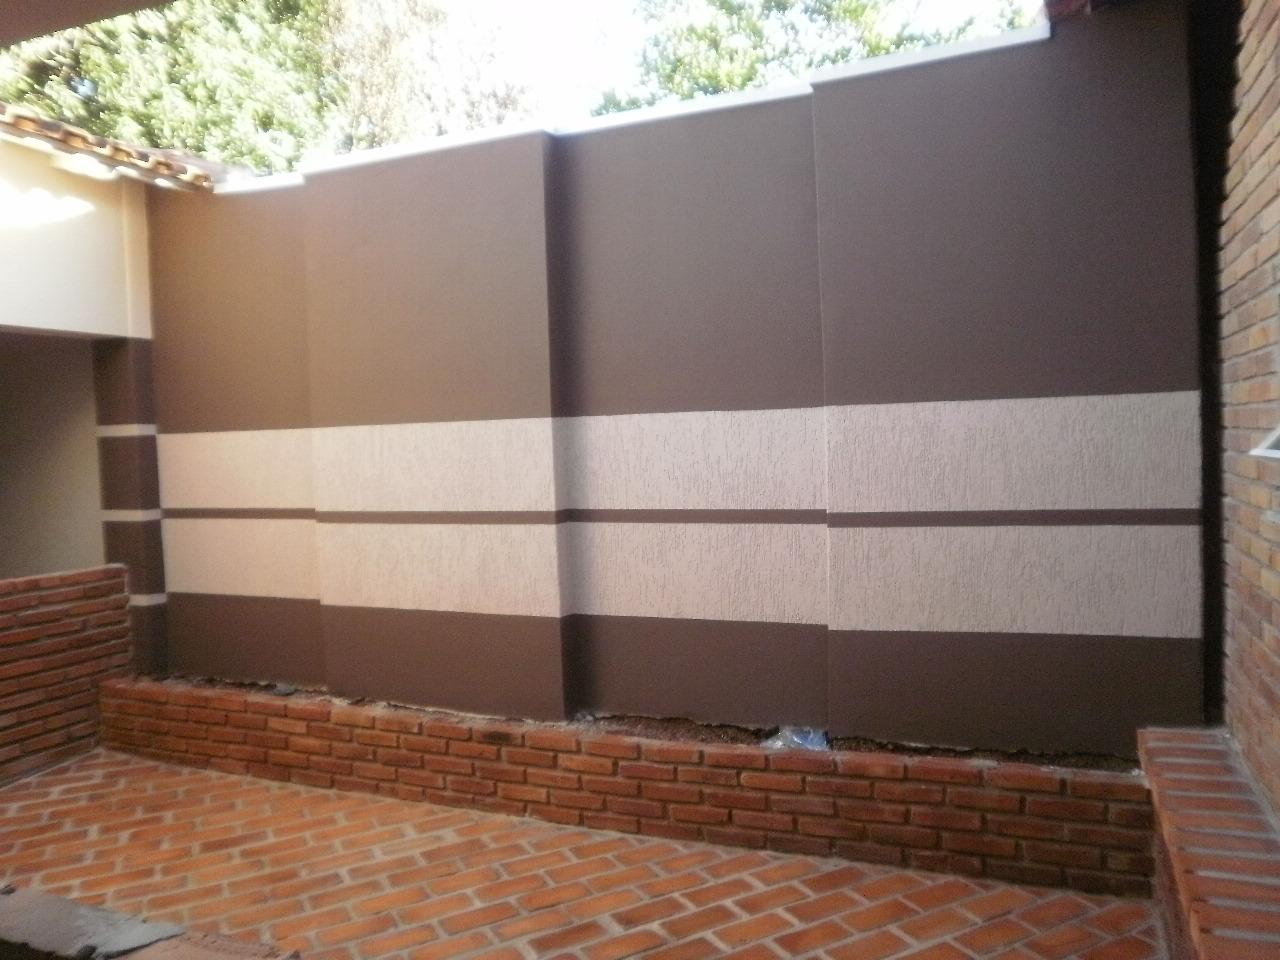 10 Fotos De Casas Que Ficaram Mais Bonitas Com Grafiato Cyz  -> Fotos De Paredes Com Grafiato